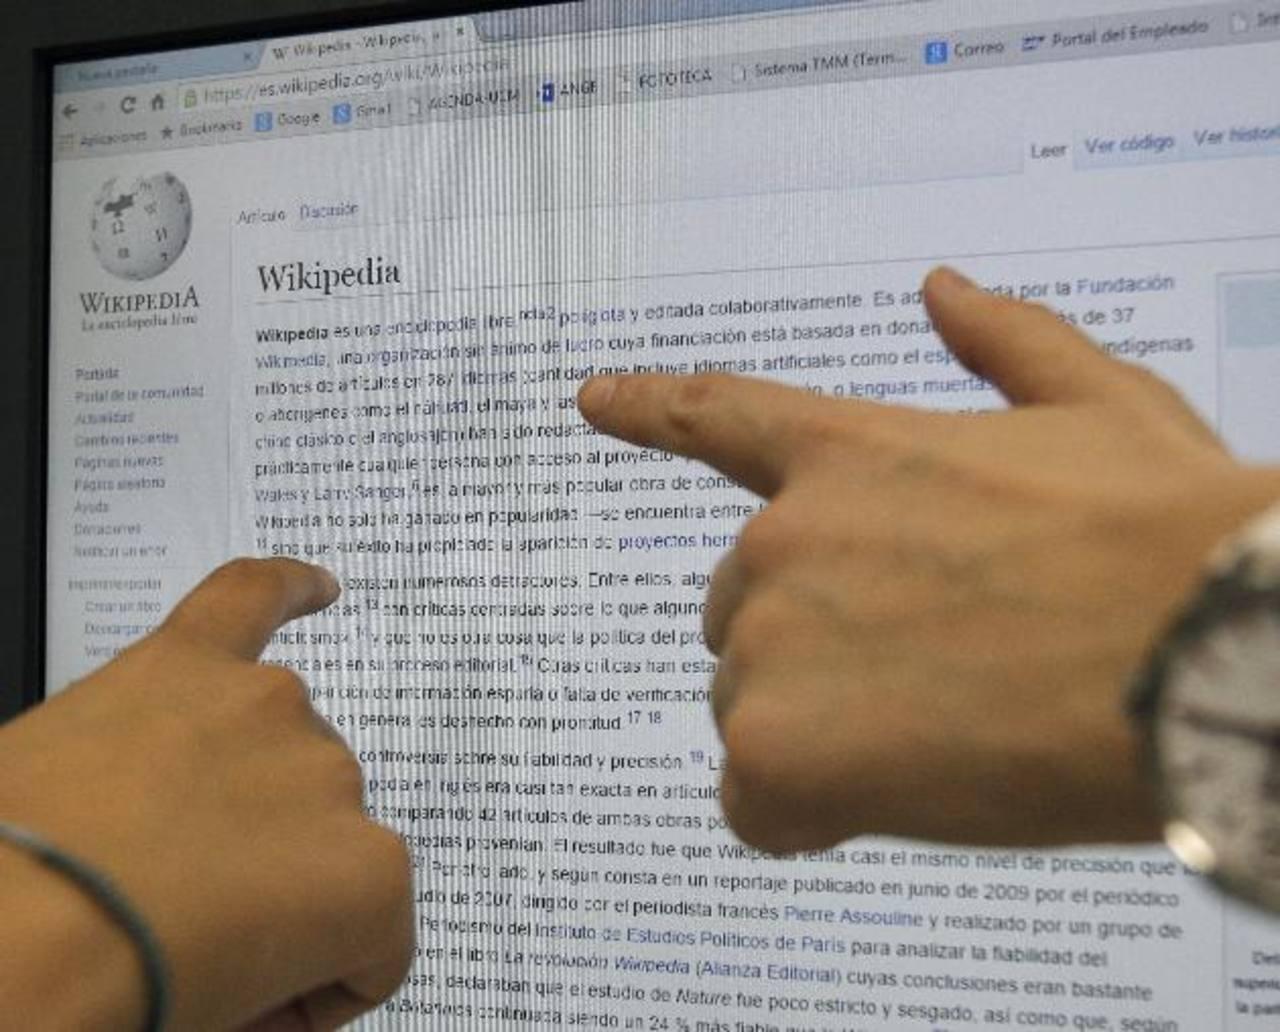 Wikipedia contiene 37 millones de artículos en 287 idiomas incluyendo lenguas aborígenes.